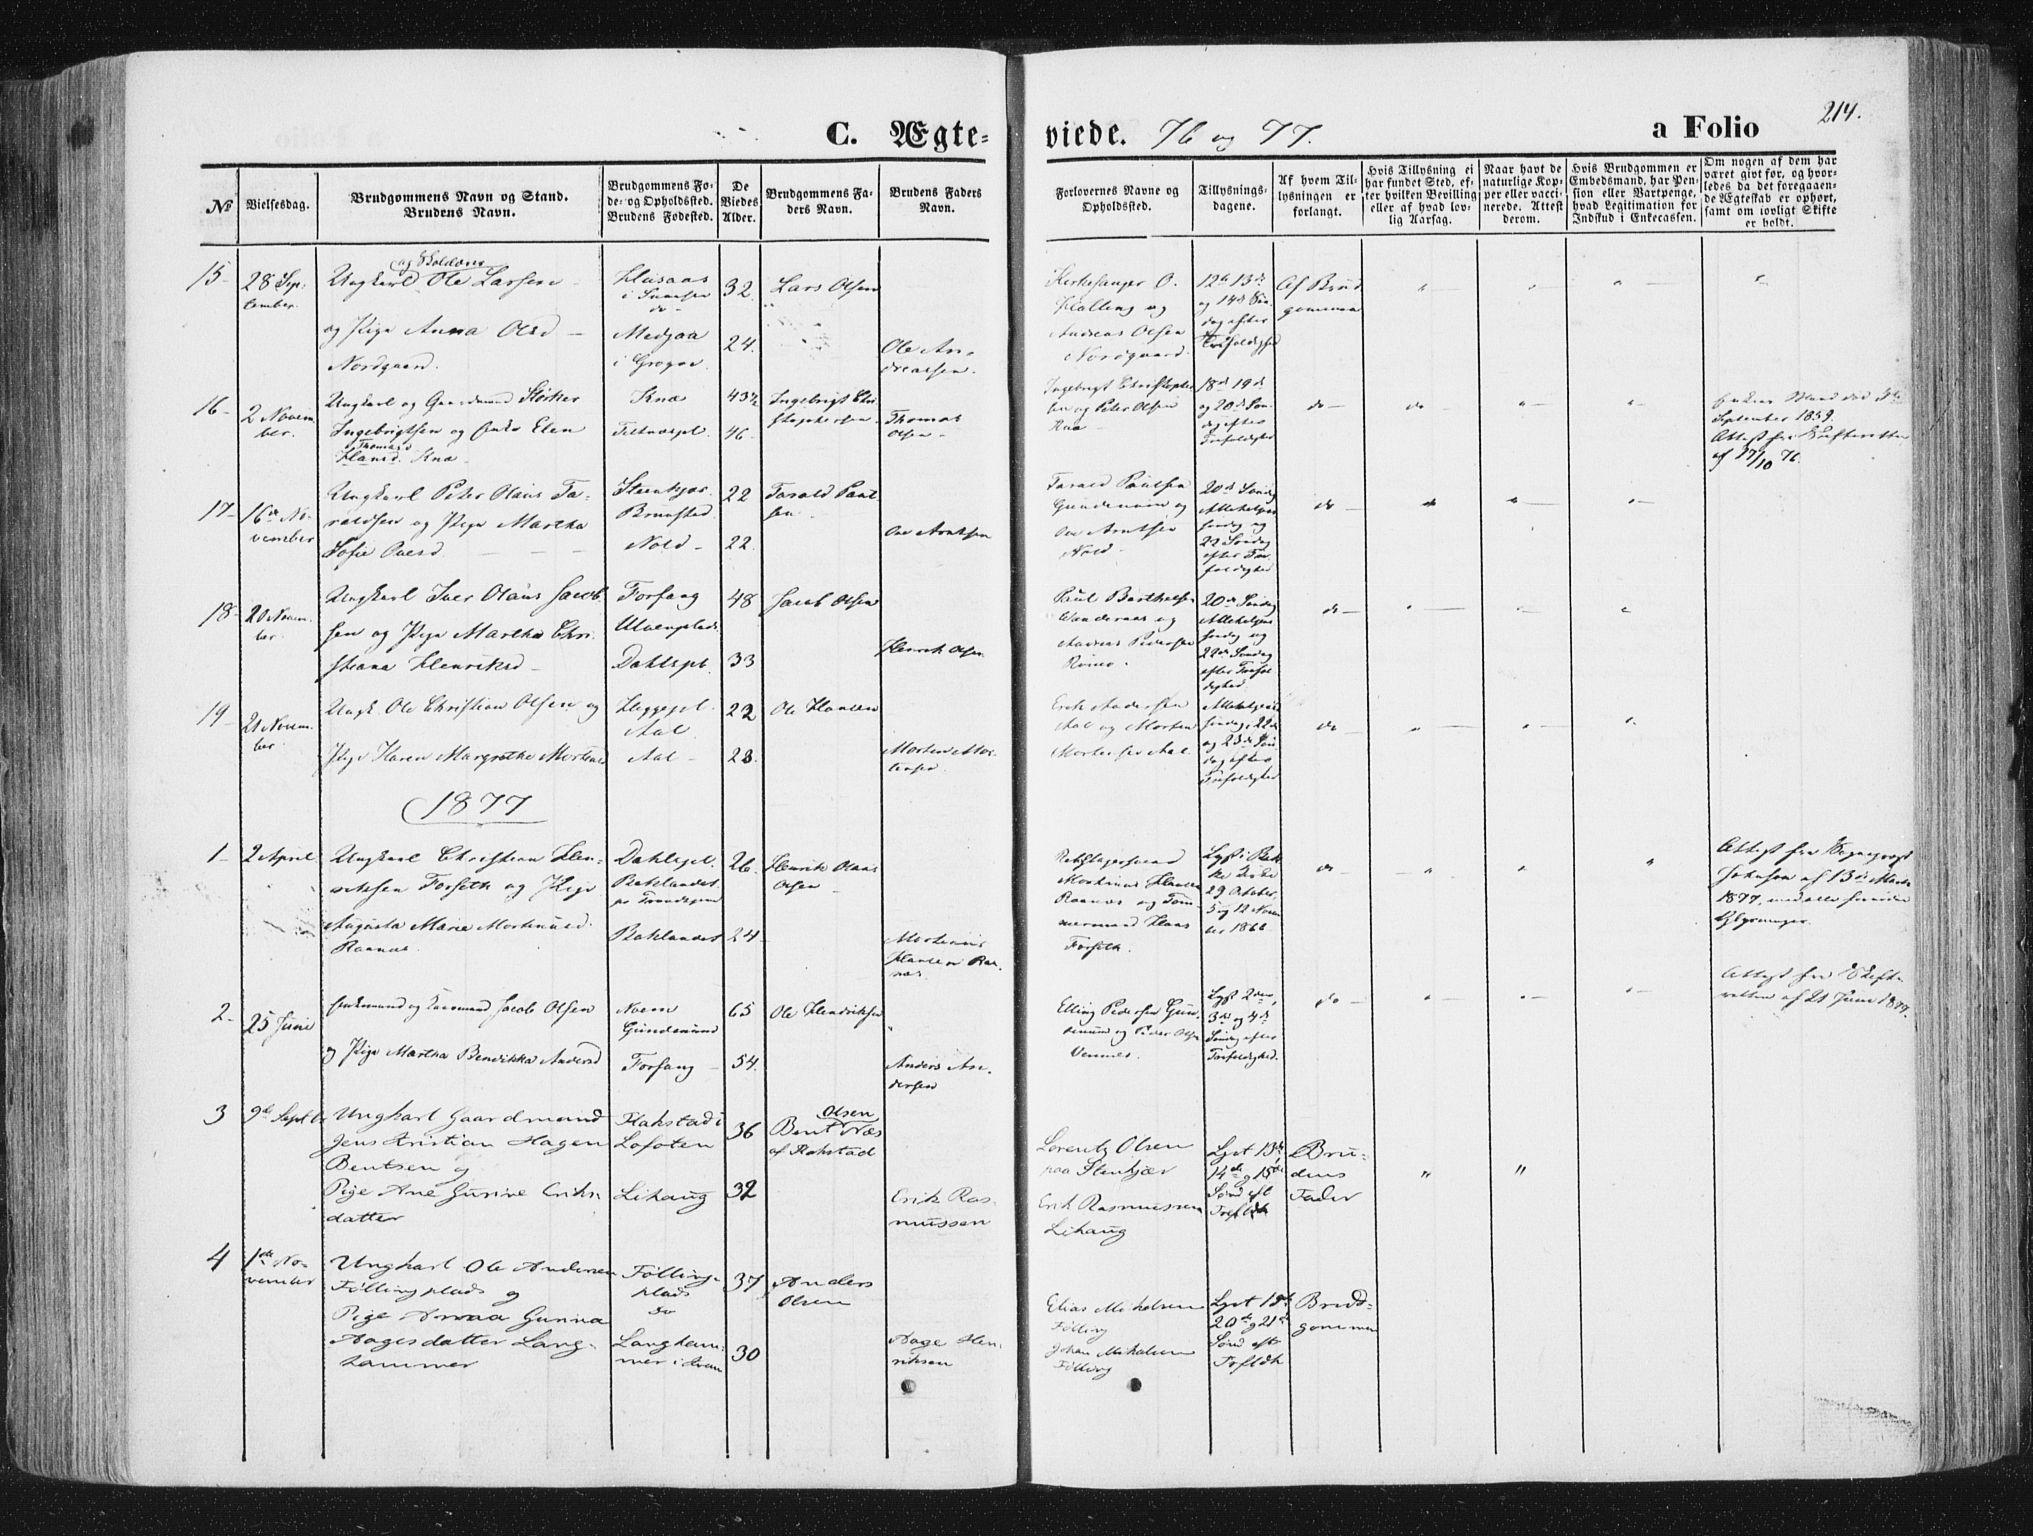 SAT, Ministerialprotokoller, klokkerbøker og fødselsregistre - Nord-Trøndelag, 746/L0447: Ministerialbok nr. 746A06, 1860-1877, s. 214